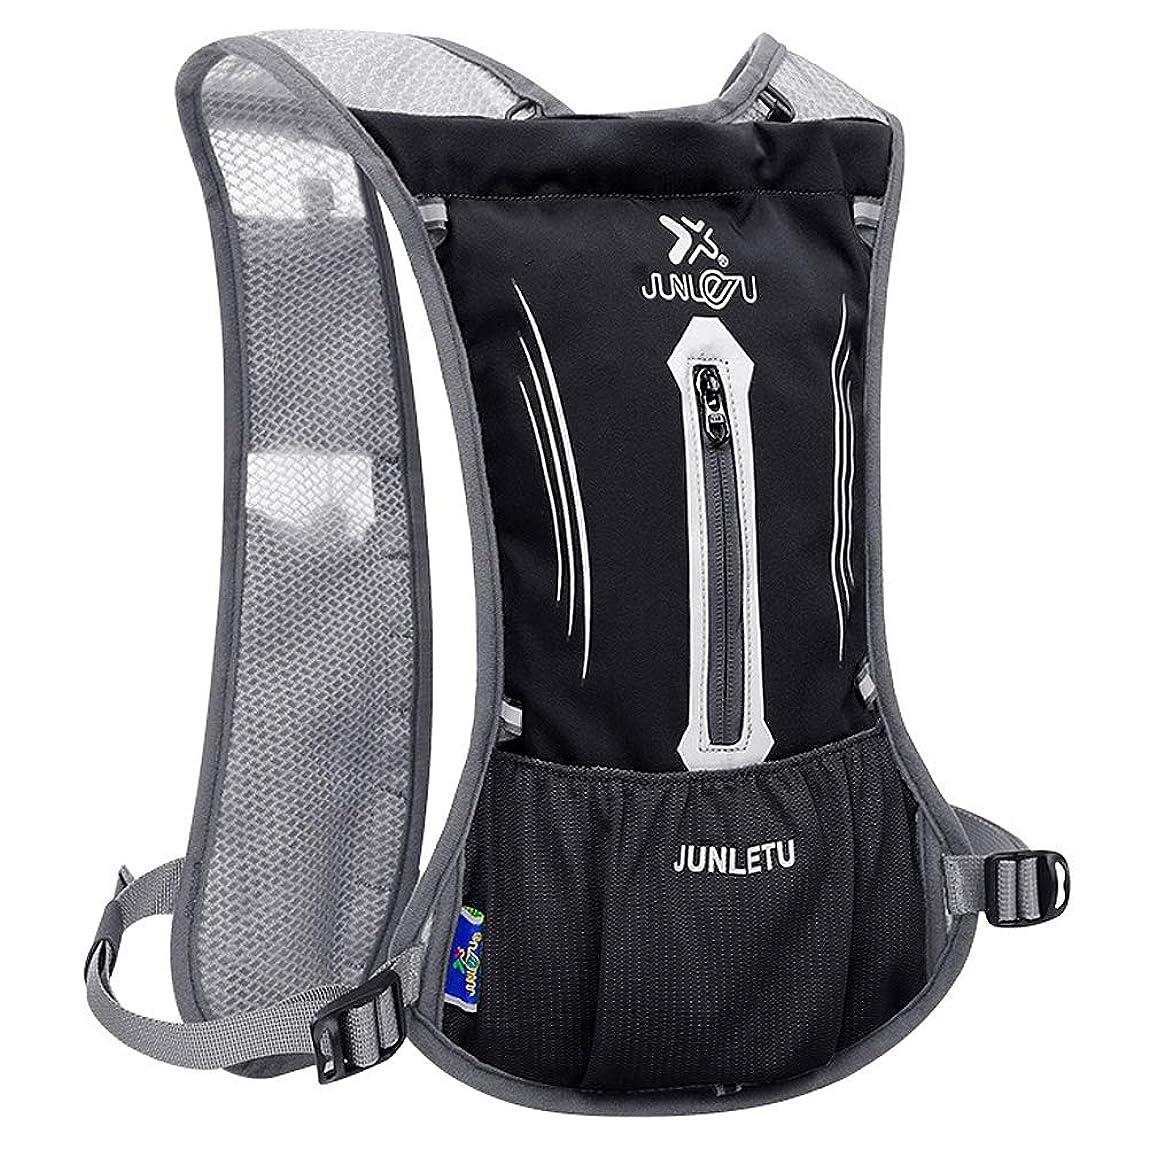 飼い慣らすさておき高価なWohuu 超軽量 ランニングバッグ サイクリングバッグ 自転車 バッグ バックパック リュック 光反射 通気 防水 ウォーキング ハイキング ジョギング アウトドア